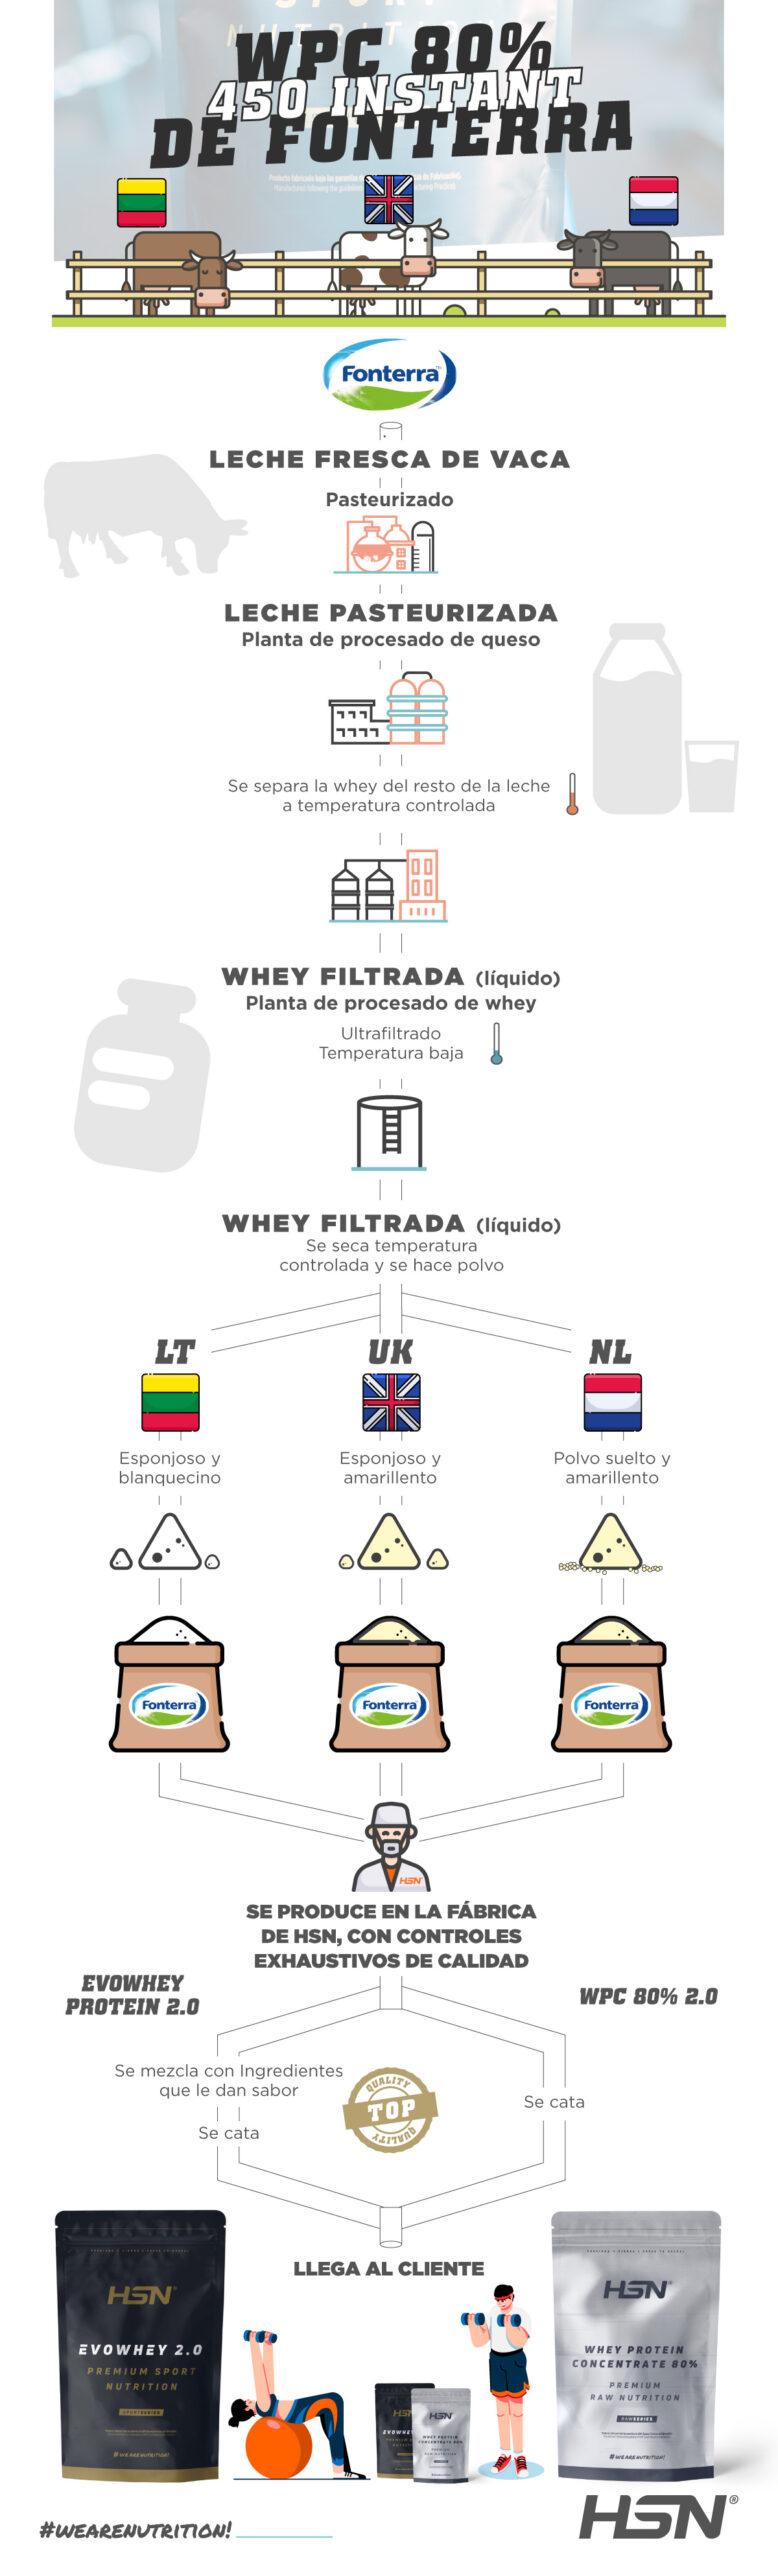 Infografía HSN, ¿de dónde procede Evowhey Protein 2.0?